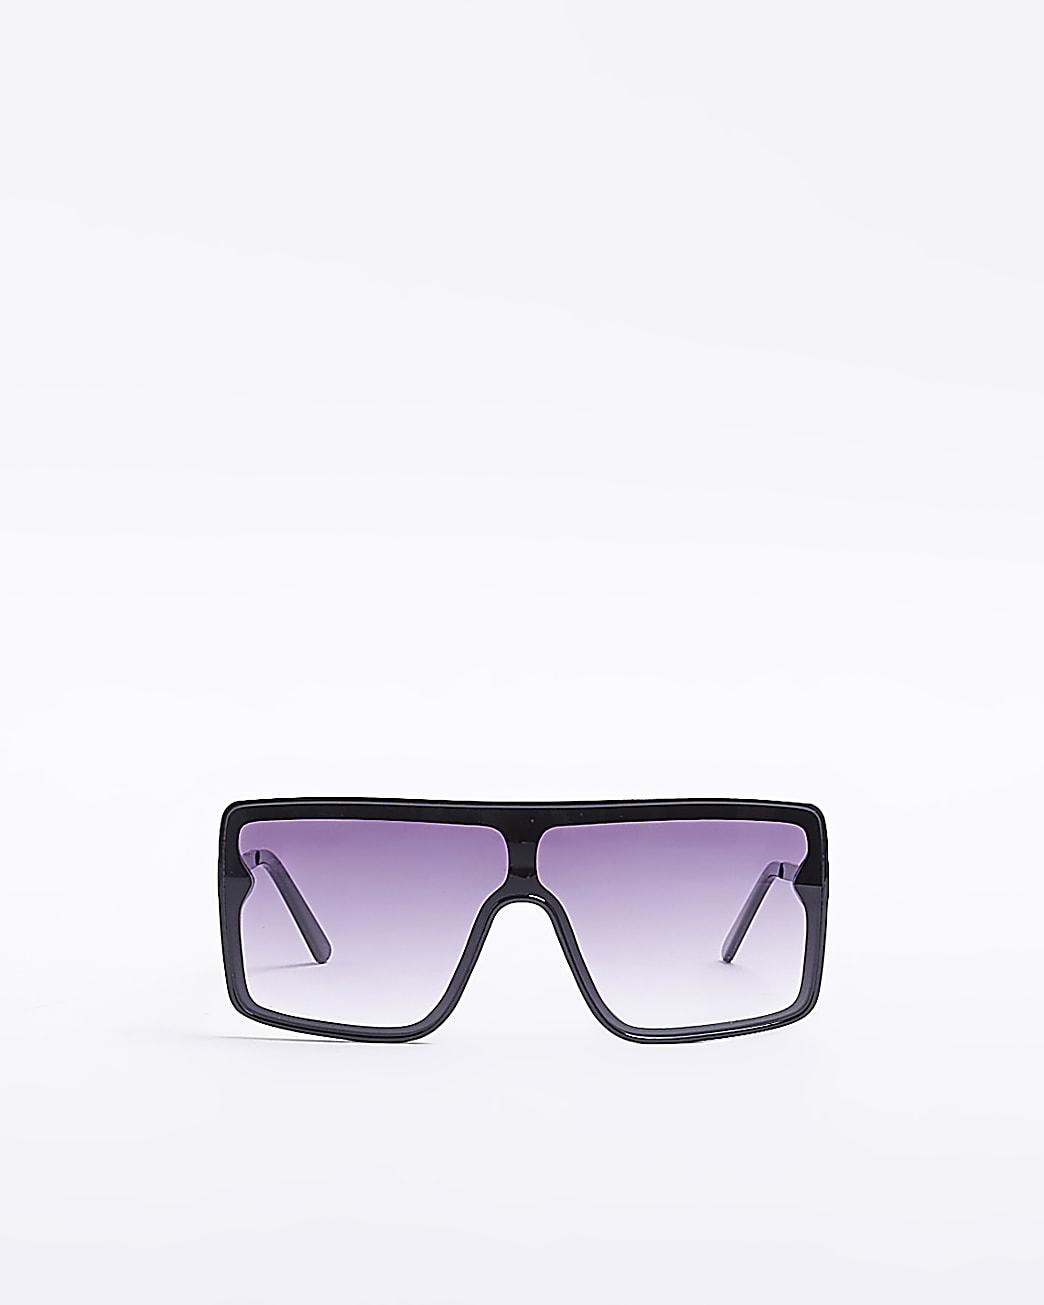 Black oversized visor sunglasses